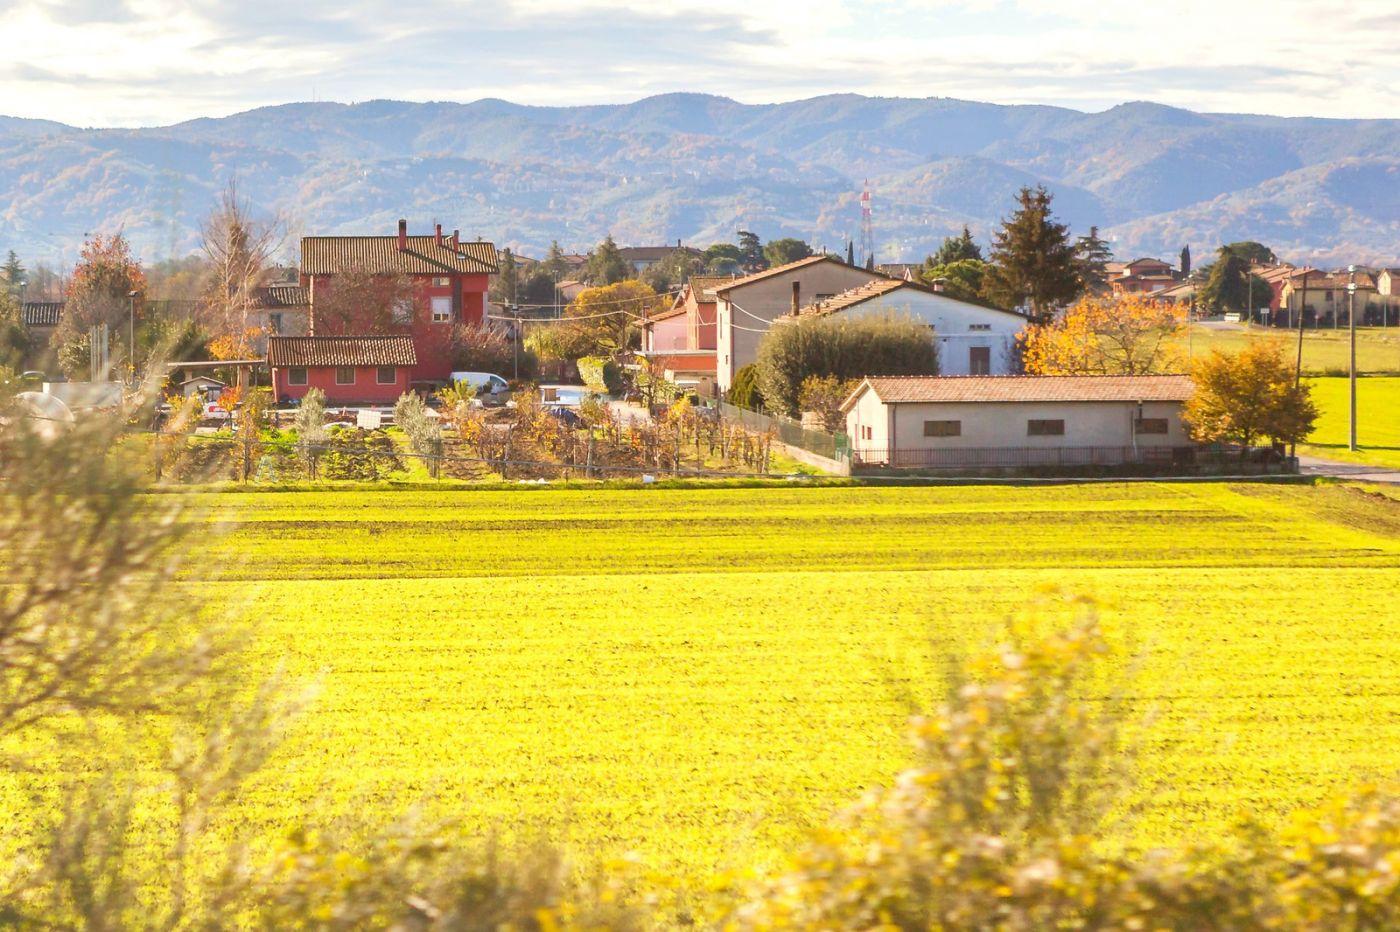 意大利路途,这就是乡村生活?_图1-5